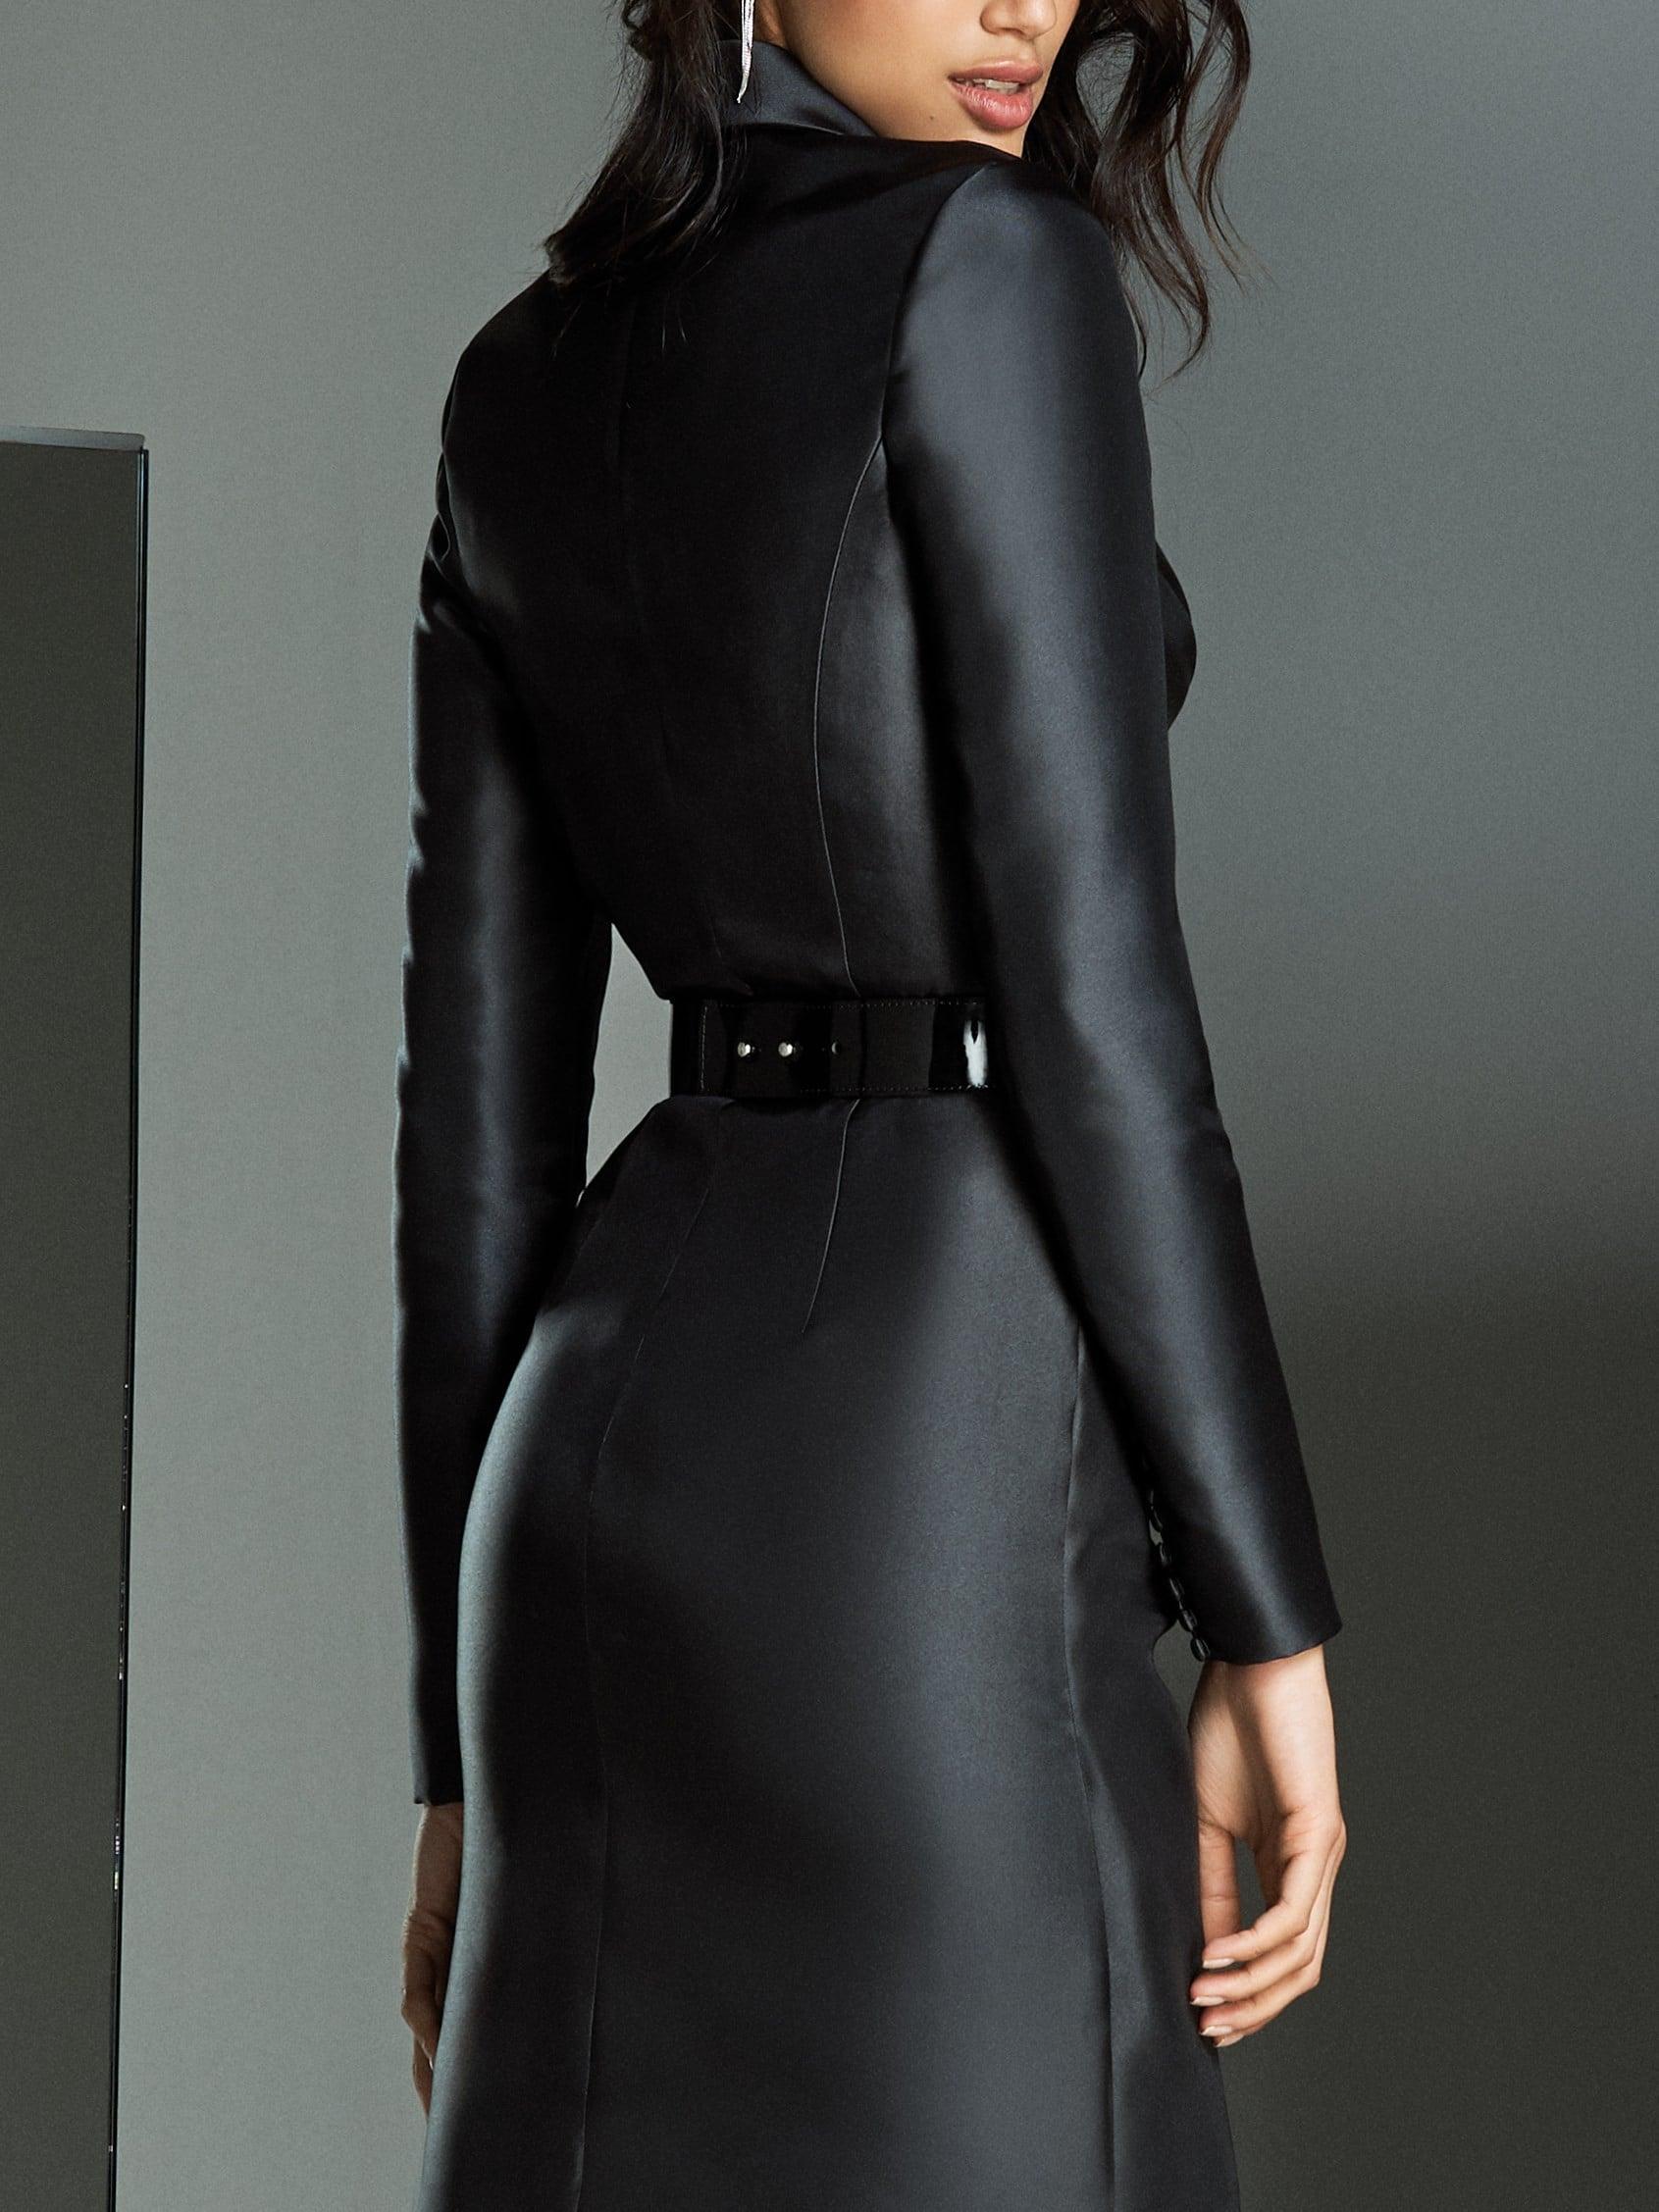 zwarte avond kleding